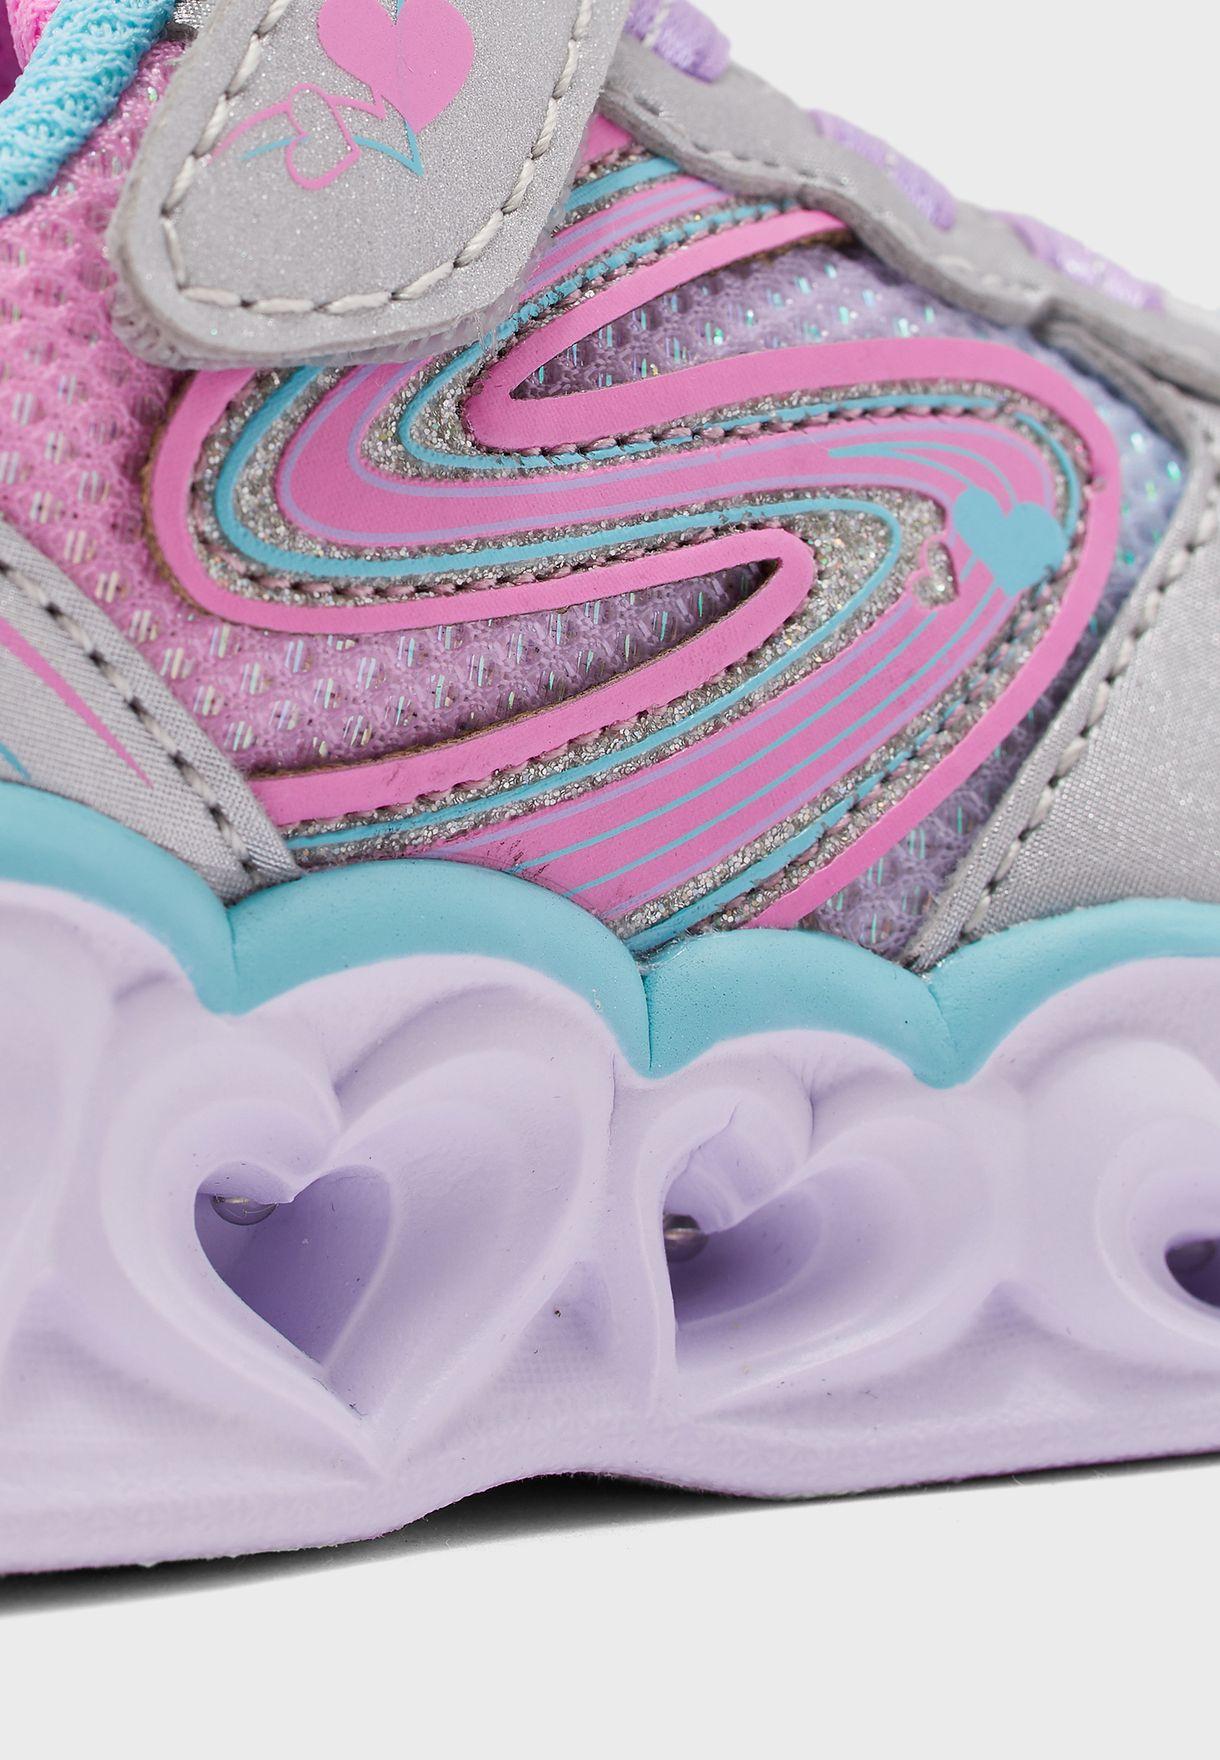 حذاء مزين بأضواء شكل قلب -لوف سبارك